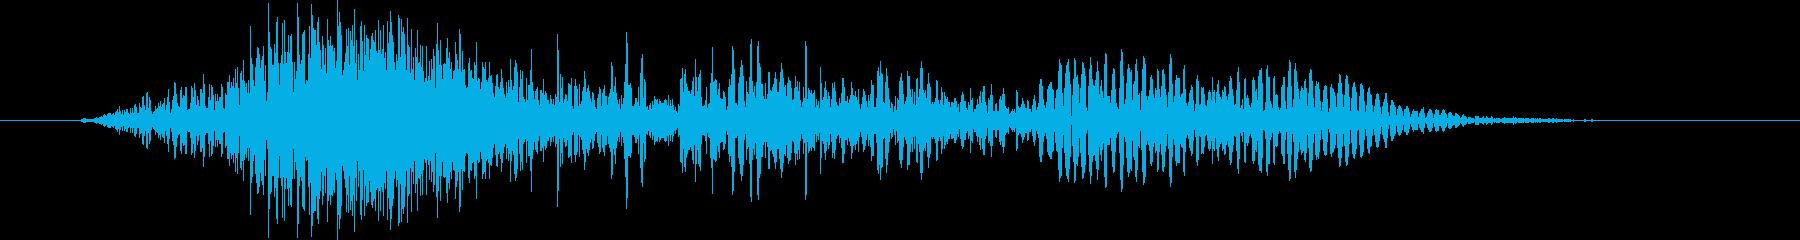 ヒューマノイド フィッシュマンボー...の再生済みの波形